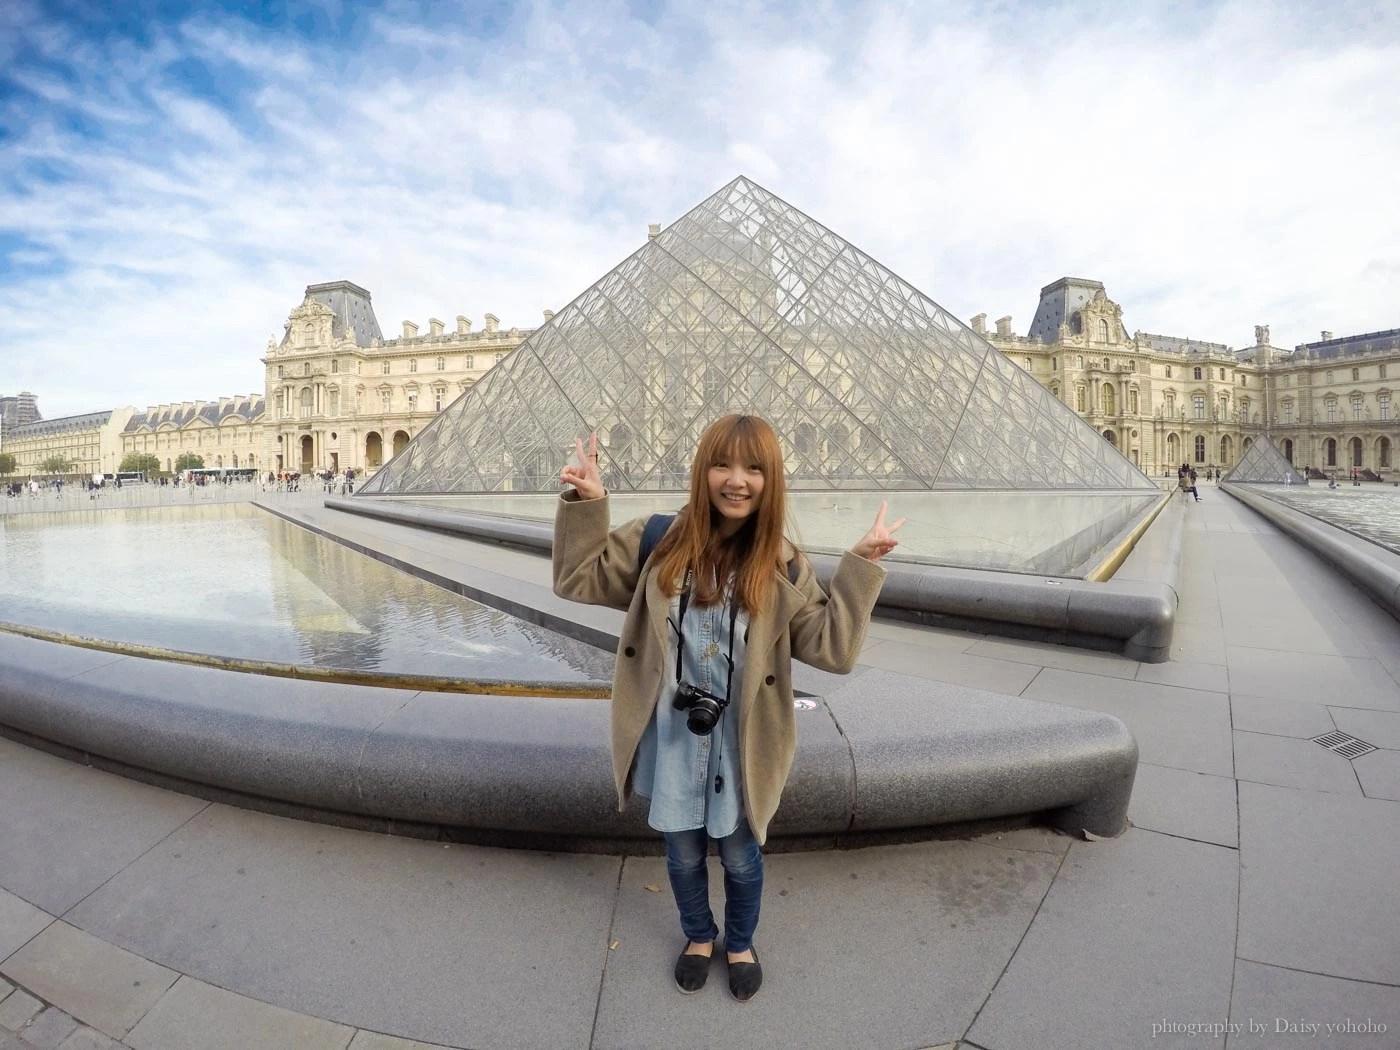 法國自助, 歐洲旅遊, 羅浮宮, 黛西優齁齁, 旅遊部落客, 歐洲自助旅行